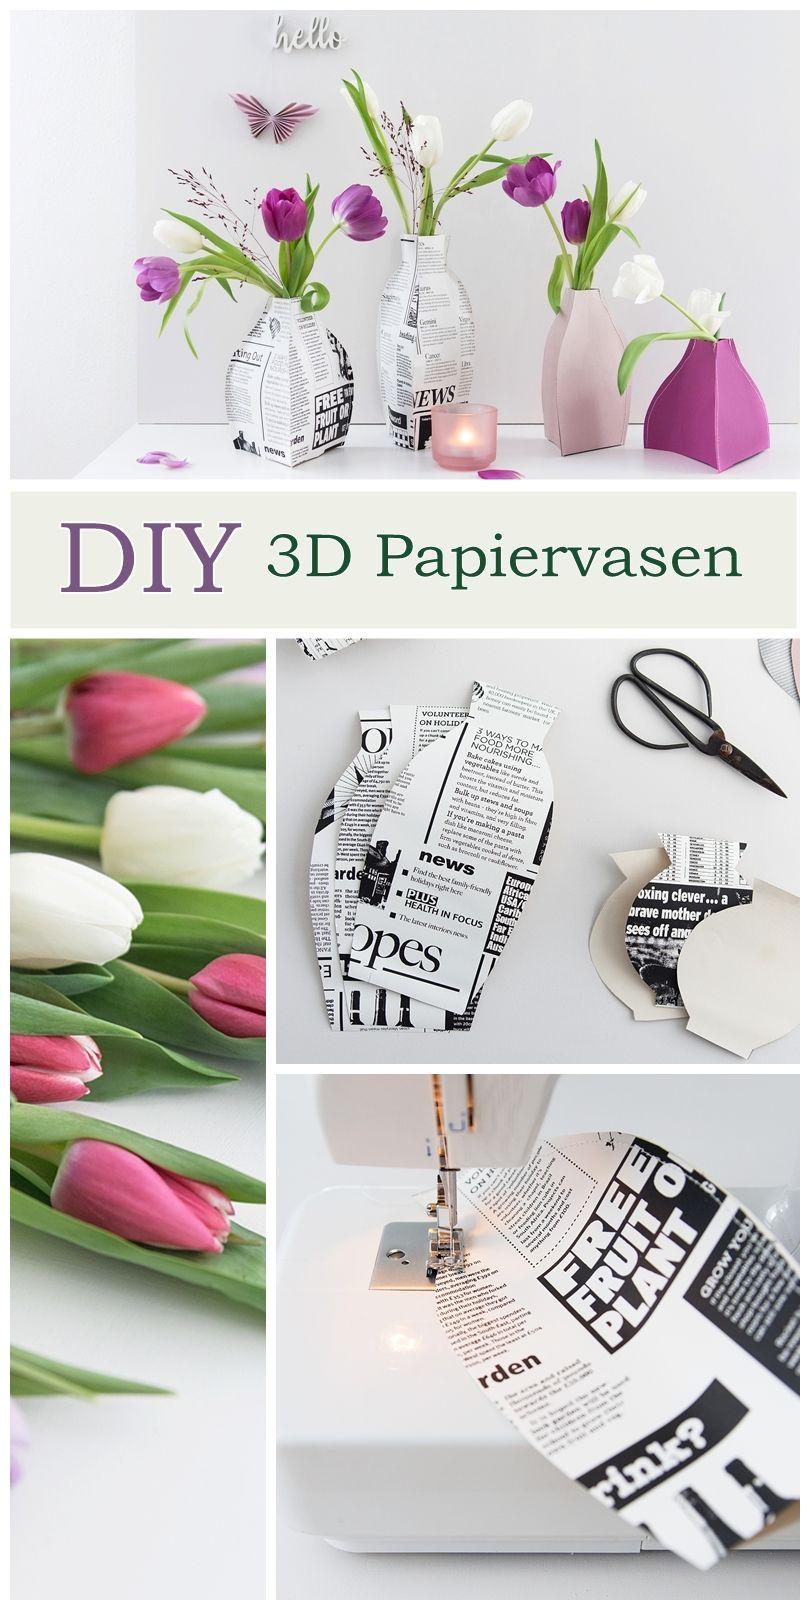 Werbung | Gastbeitrag  So einfach nähst du verschieden große Papiervasen in 3D Optik - die perfekte Lösung, wenn man mal wieder keine passende Vase zur Hand hat. #meinhofer #hoferat #dabinichmirsicher #diy #sinnenrauschdiy #diypaper #getcrafty